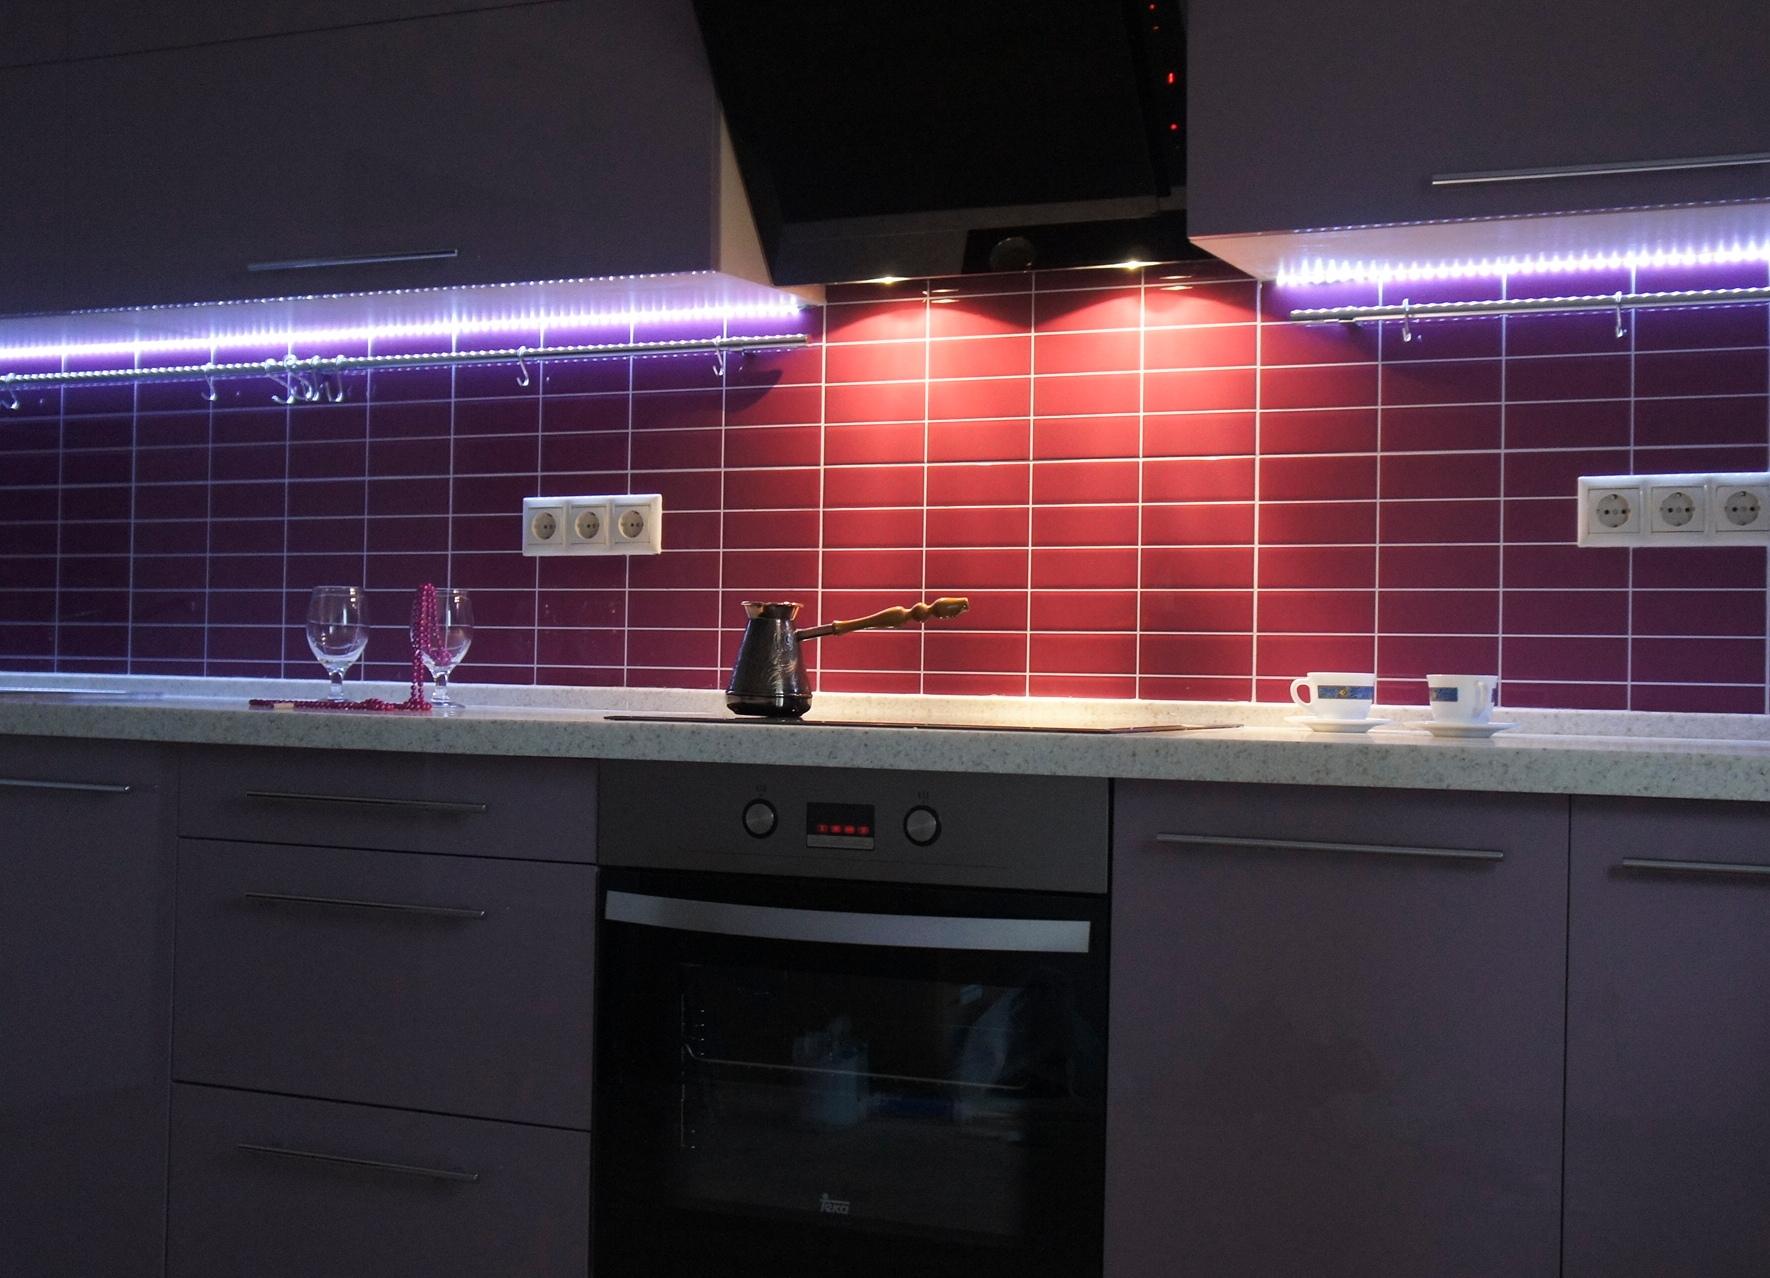 LED-лампы в освещении кухонной рабочей зоны